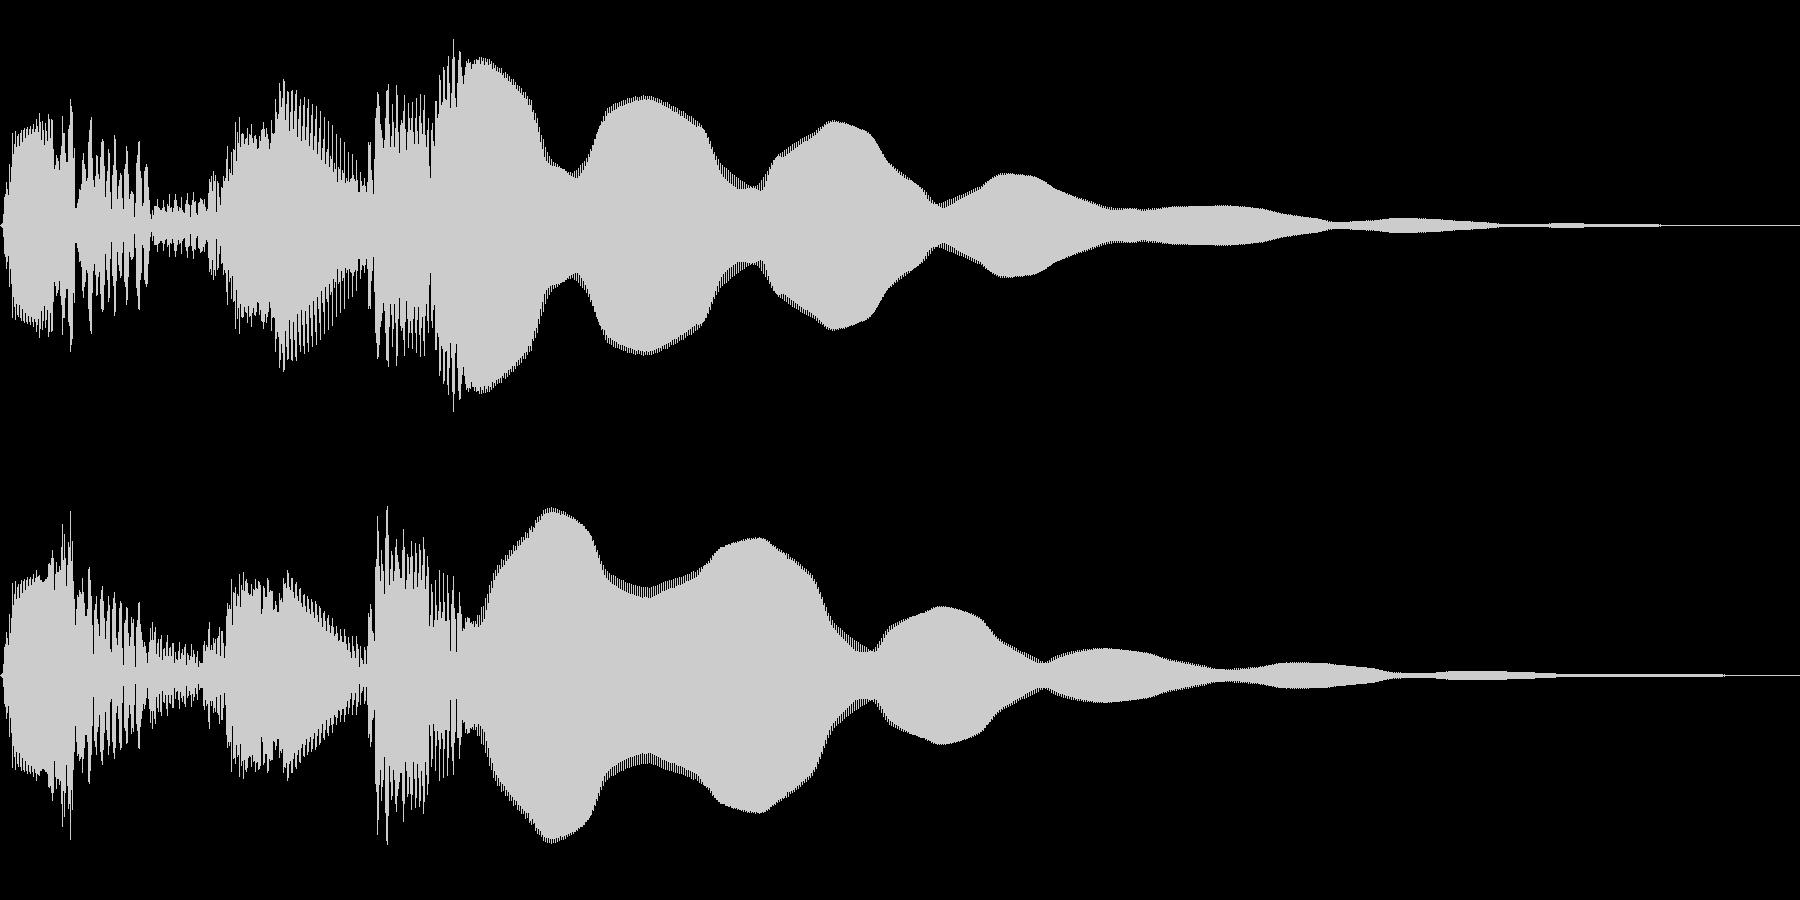 ボタン押下や決定音。キュルピーン!の未再生の波形